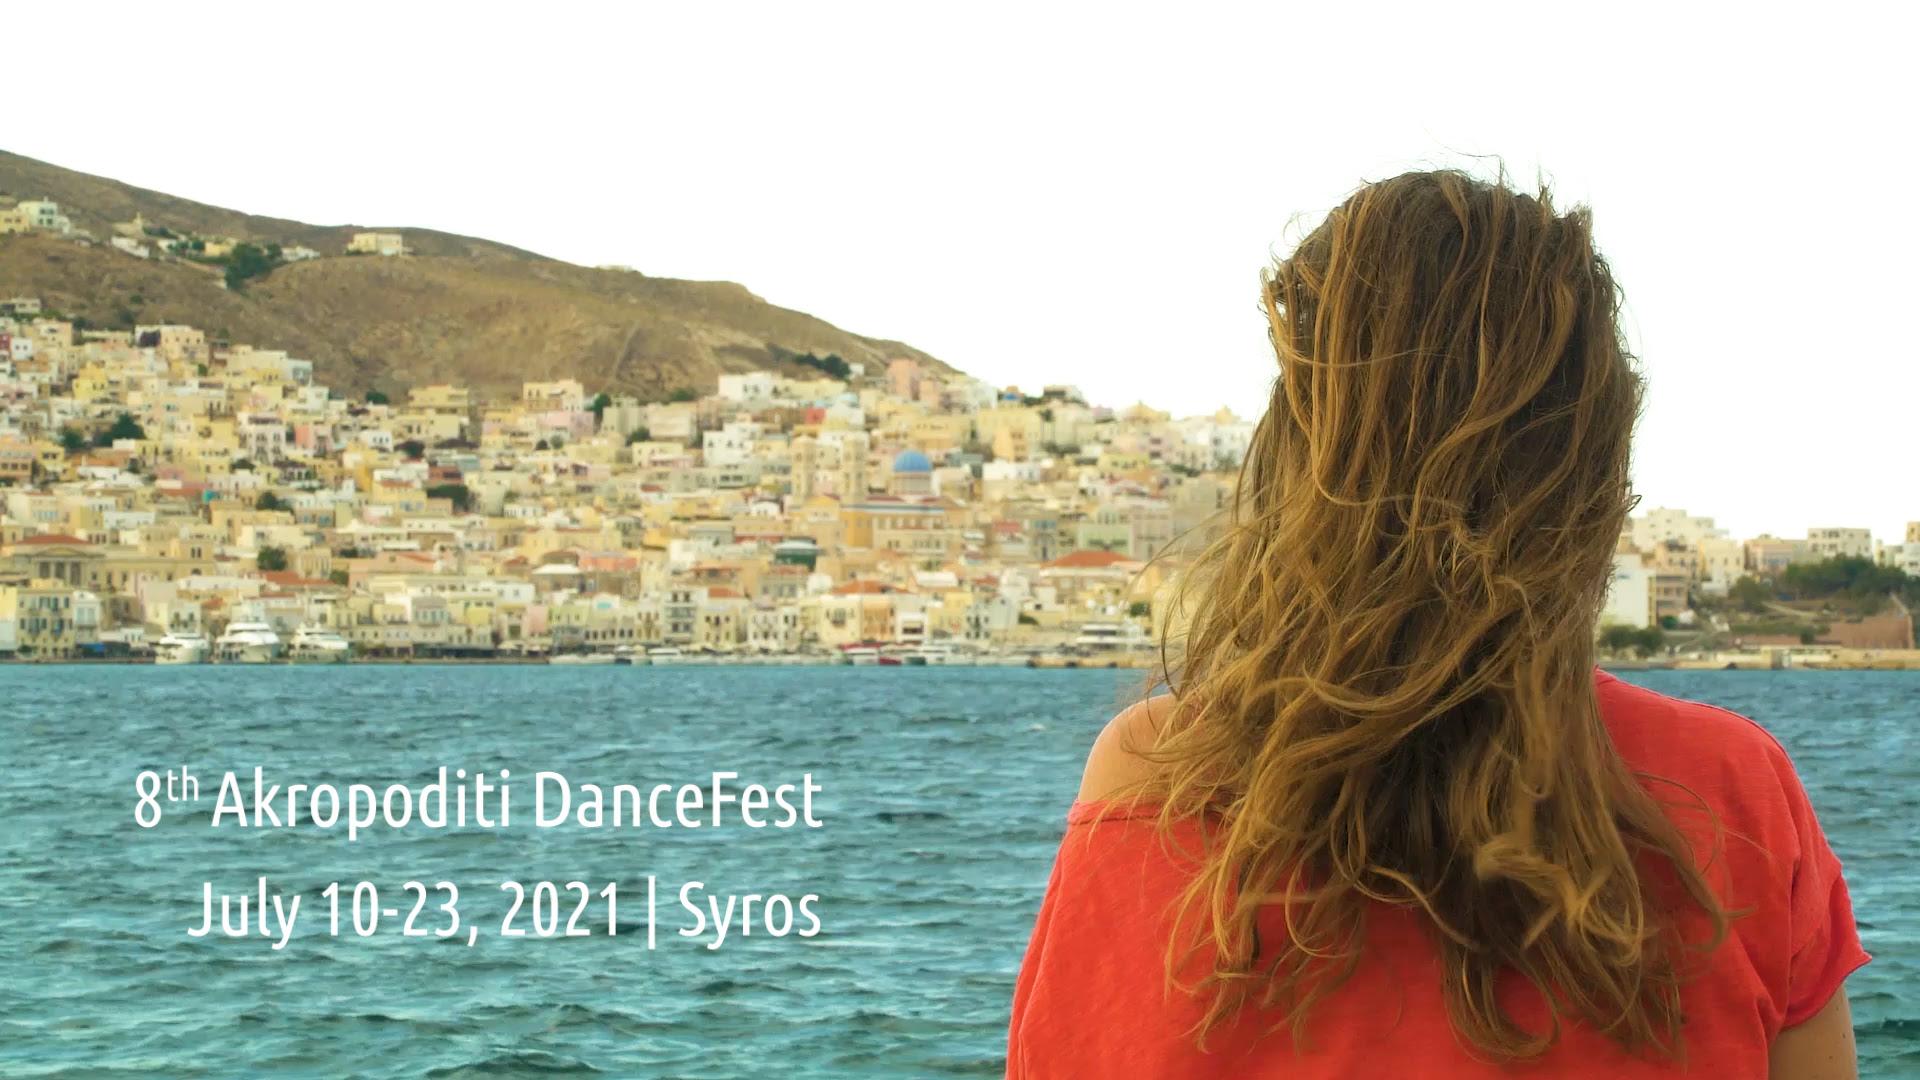 8ο Διεθνές Φεστιβάλ Χορού και Χοροθεάτρου στη Σύρο | Akropoditi DanceFest 2021 | Empneusi 107 FM